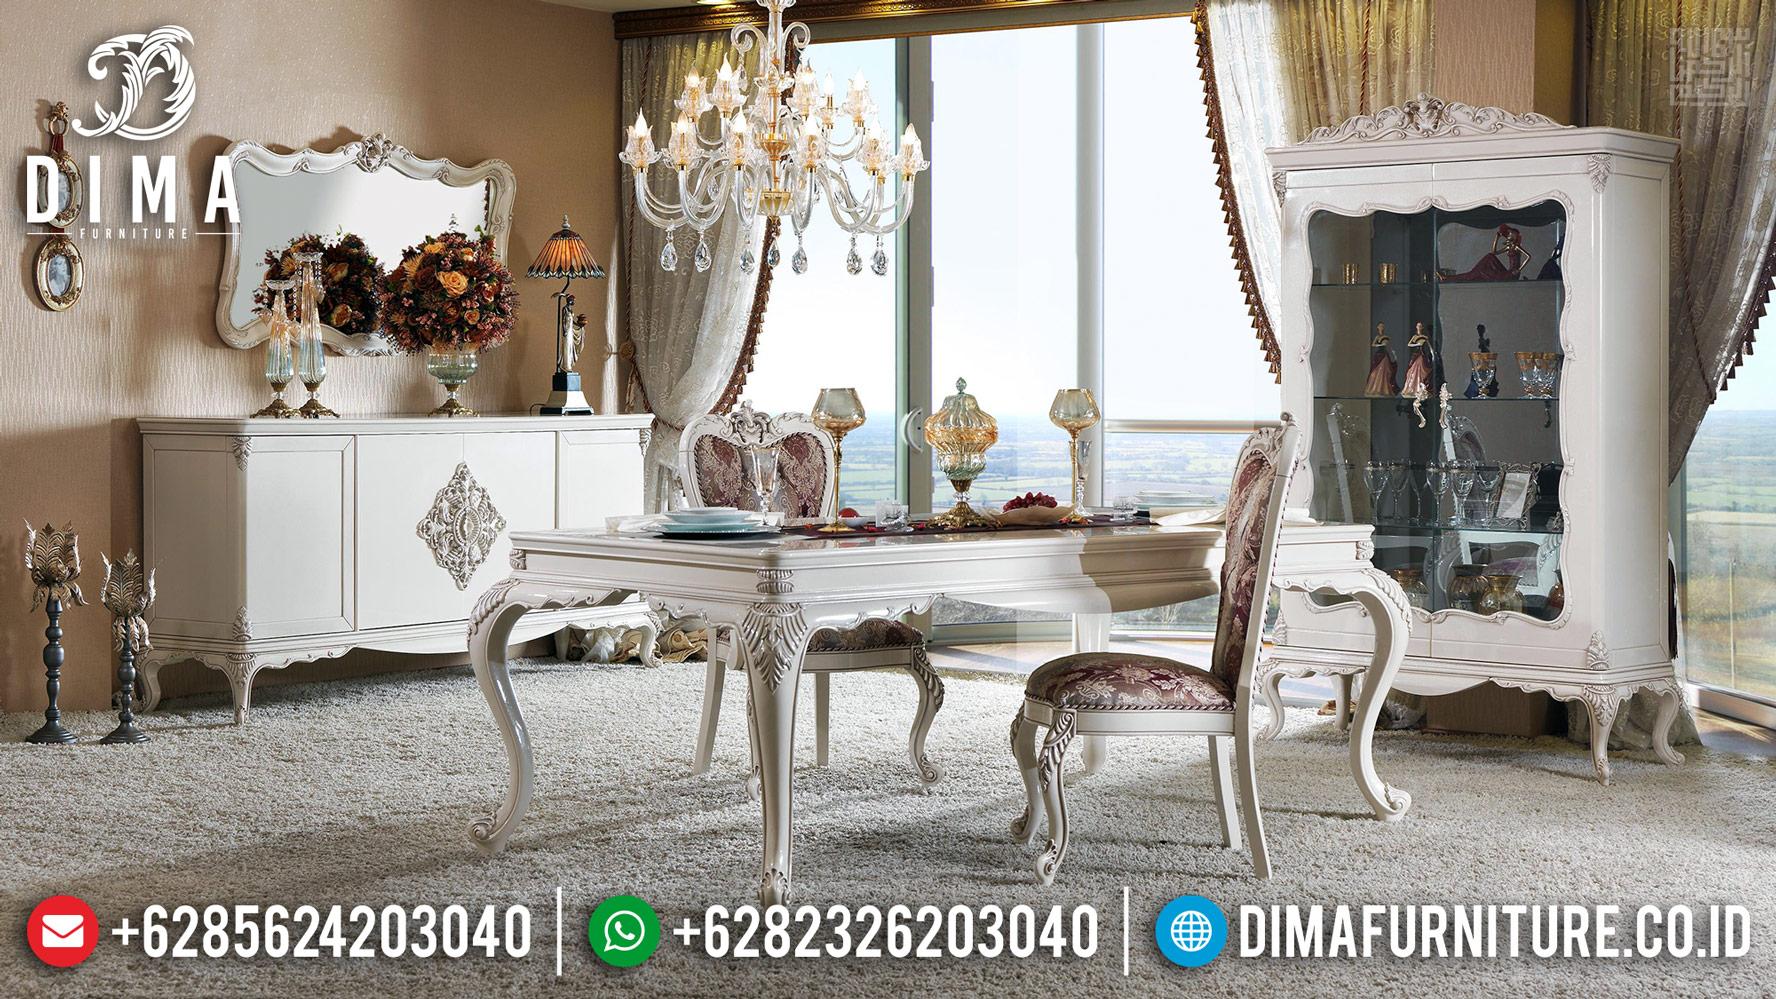 Meja Makan Mewah Cantik Furniture Jepara Terbaru MMJ-0399